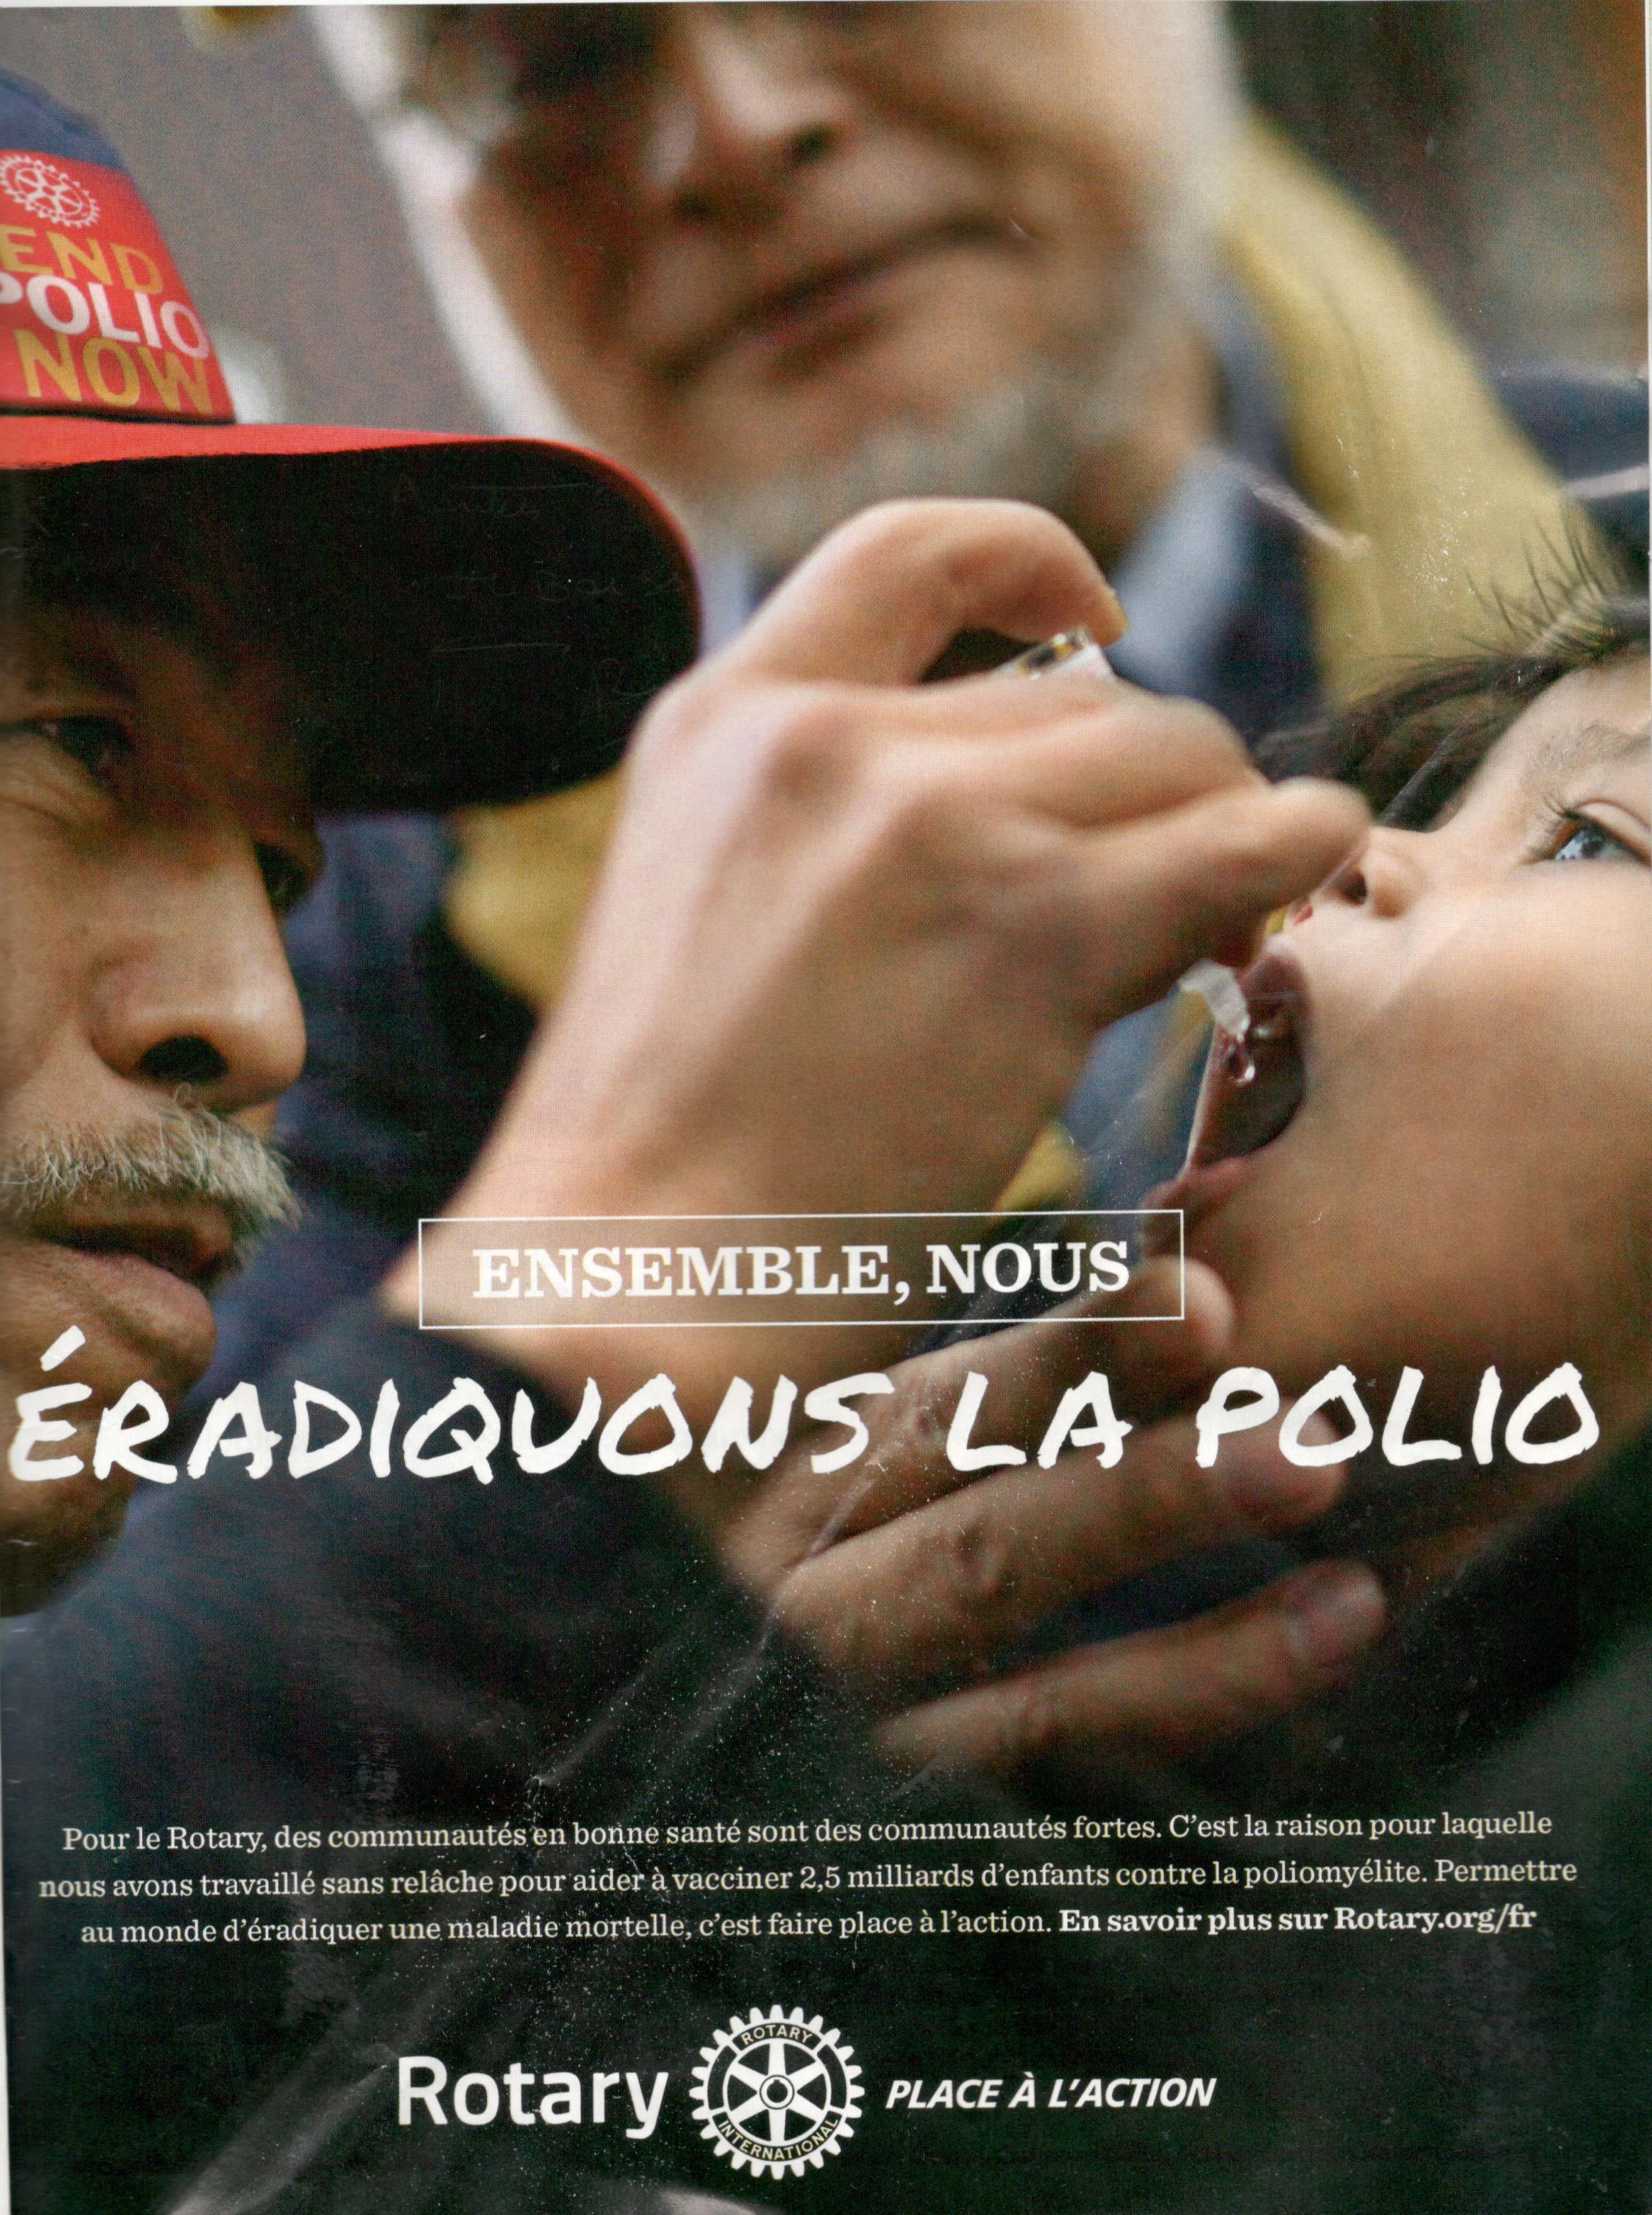 Le Rotary club de Papeete organise des séances sensibilisation contre cette maladie le mardi 30 octobre.